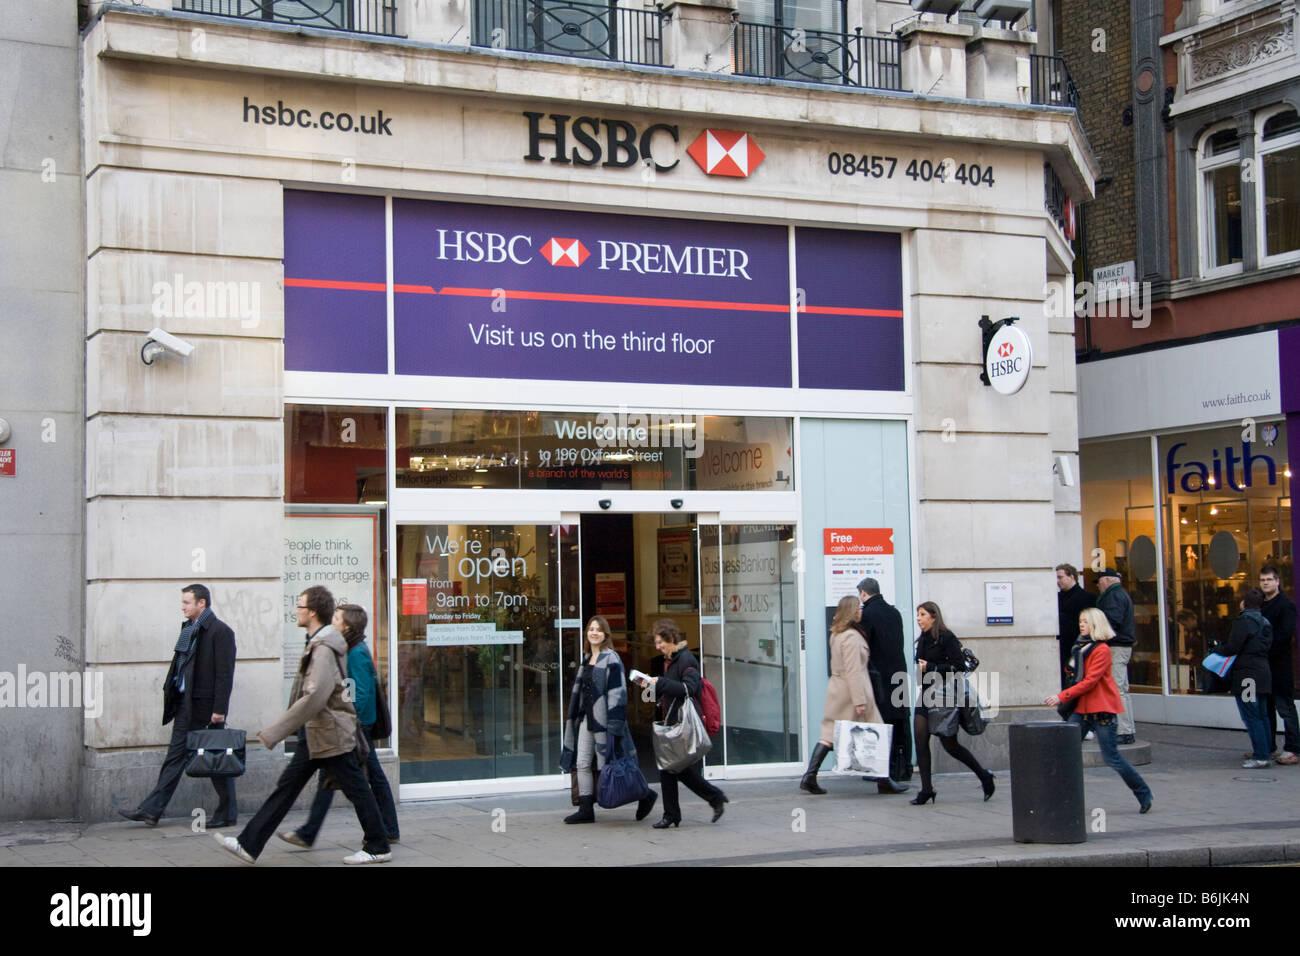 Hsbc Bank Uk Stock Photos & Hsbc Bank Uk Stock Images - Alamy